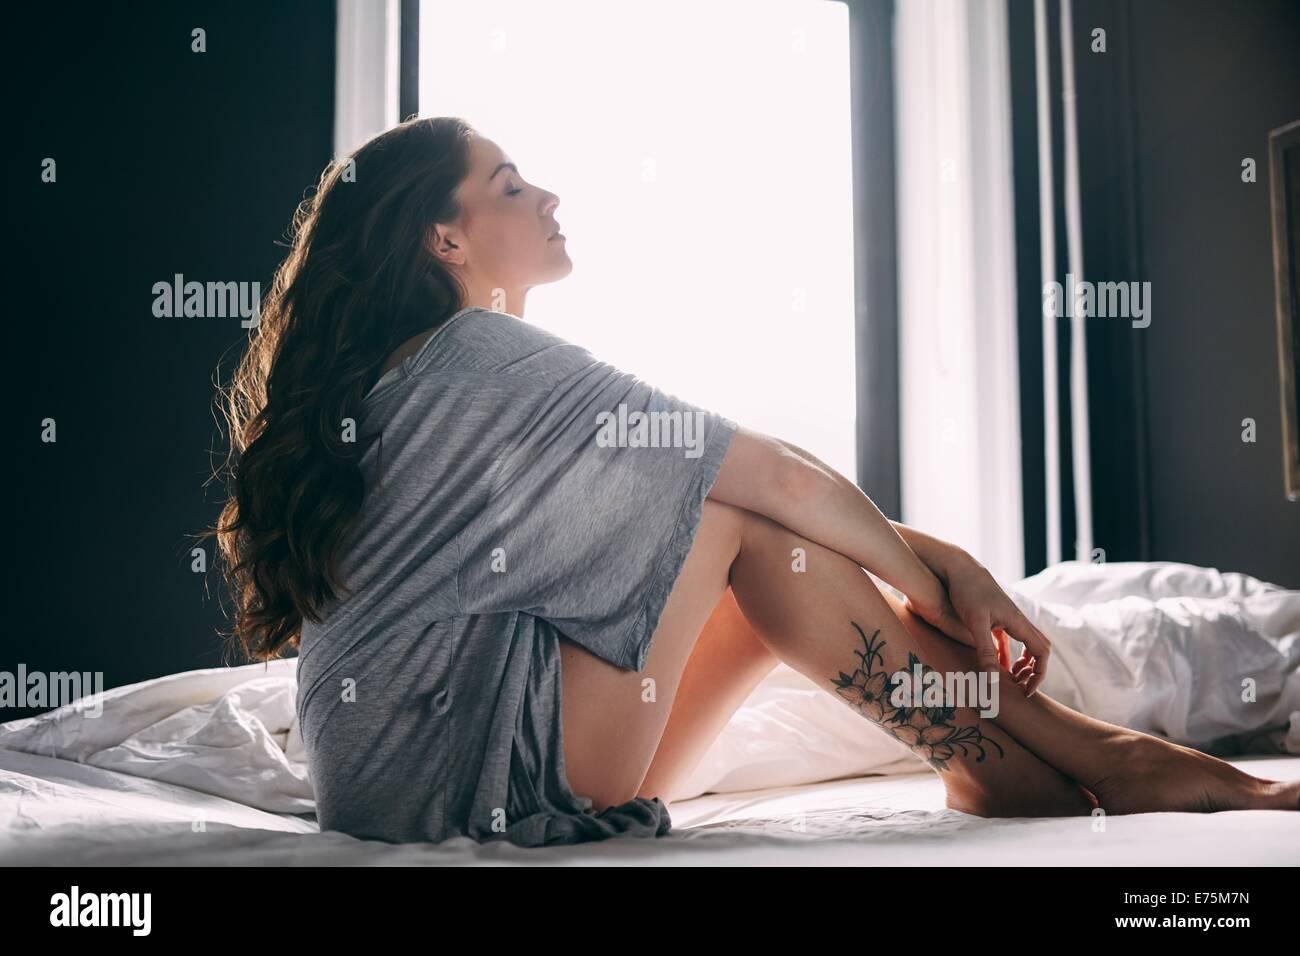 Seitenansicht der Frau sitzt entspannt auf Bett mit geschlossenen Augen. Entspannte Frau im Schlafzimmer. Stockbild